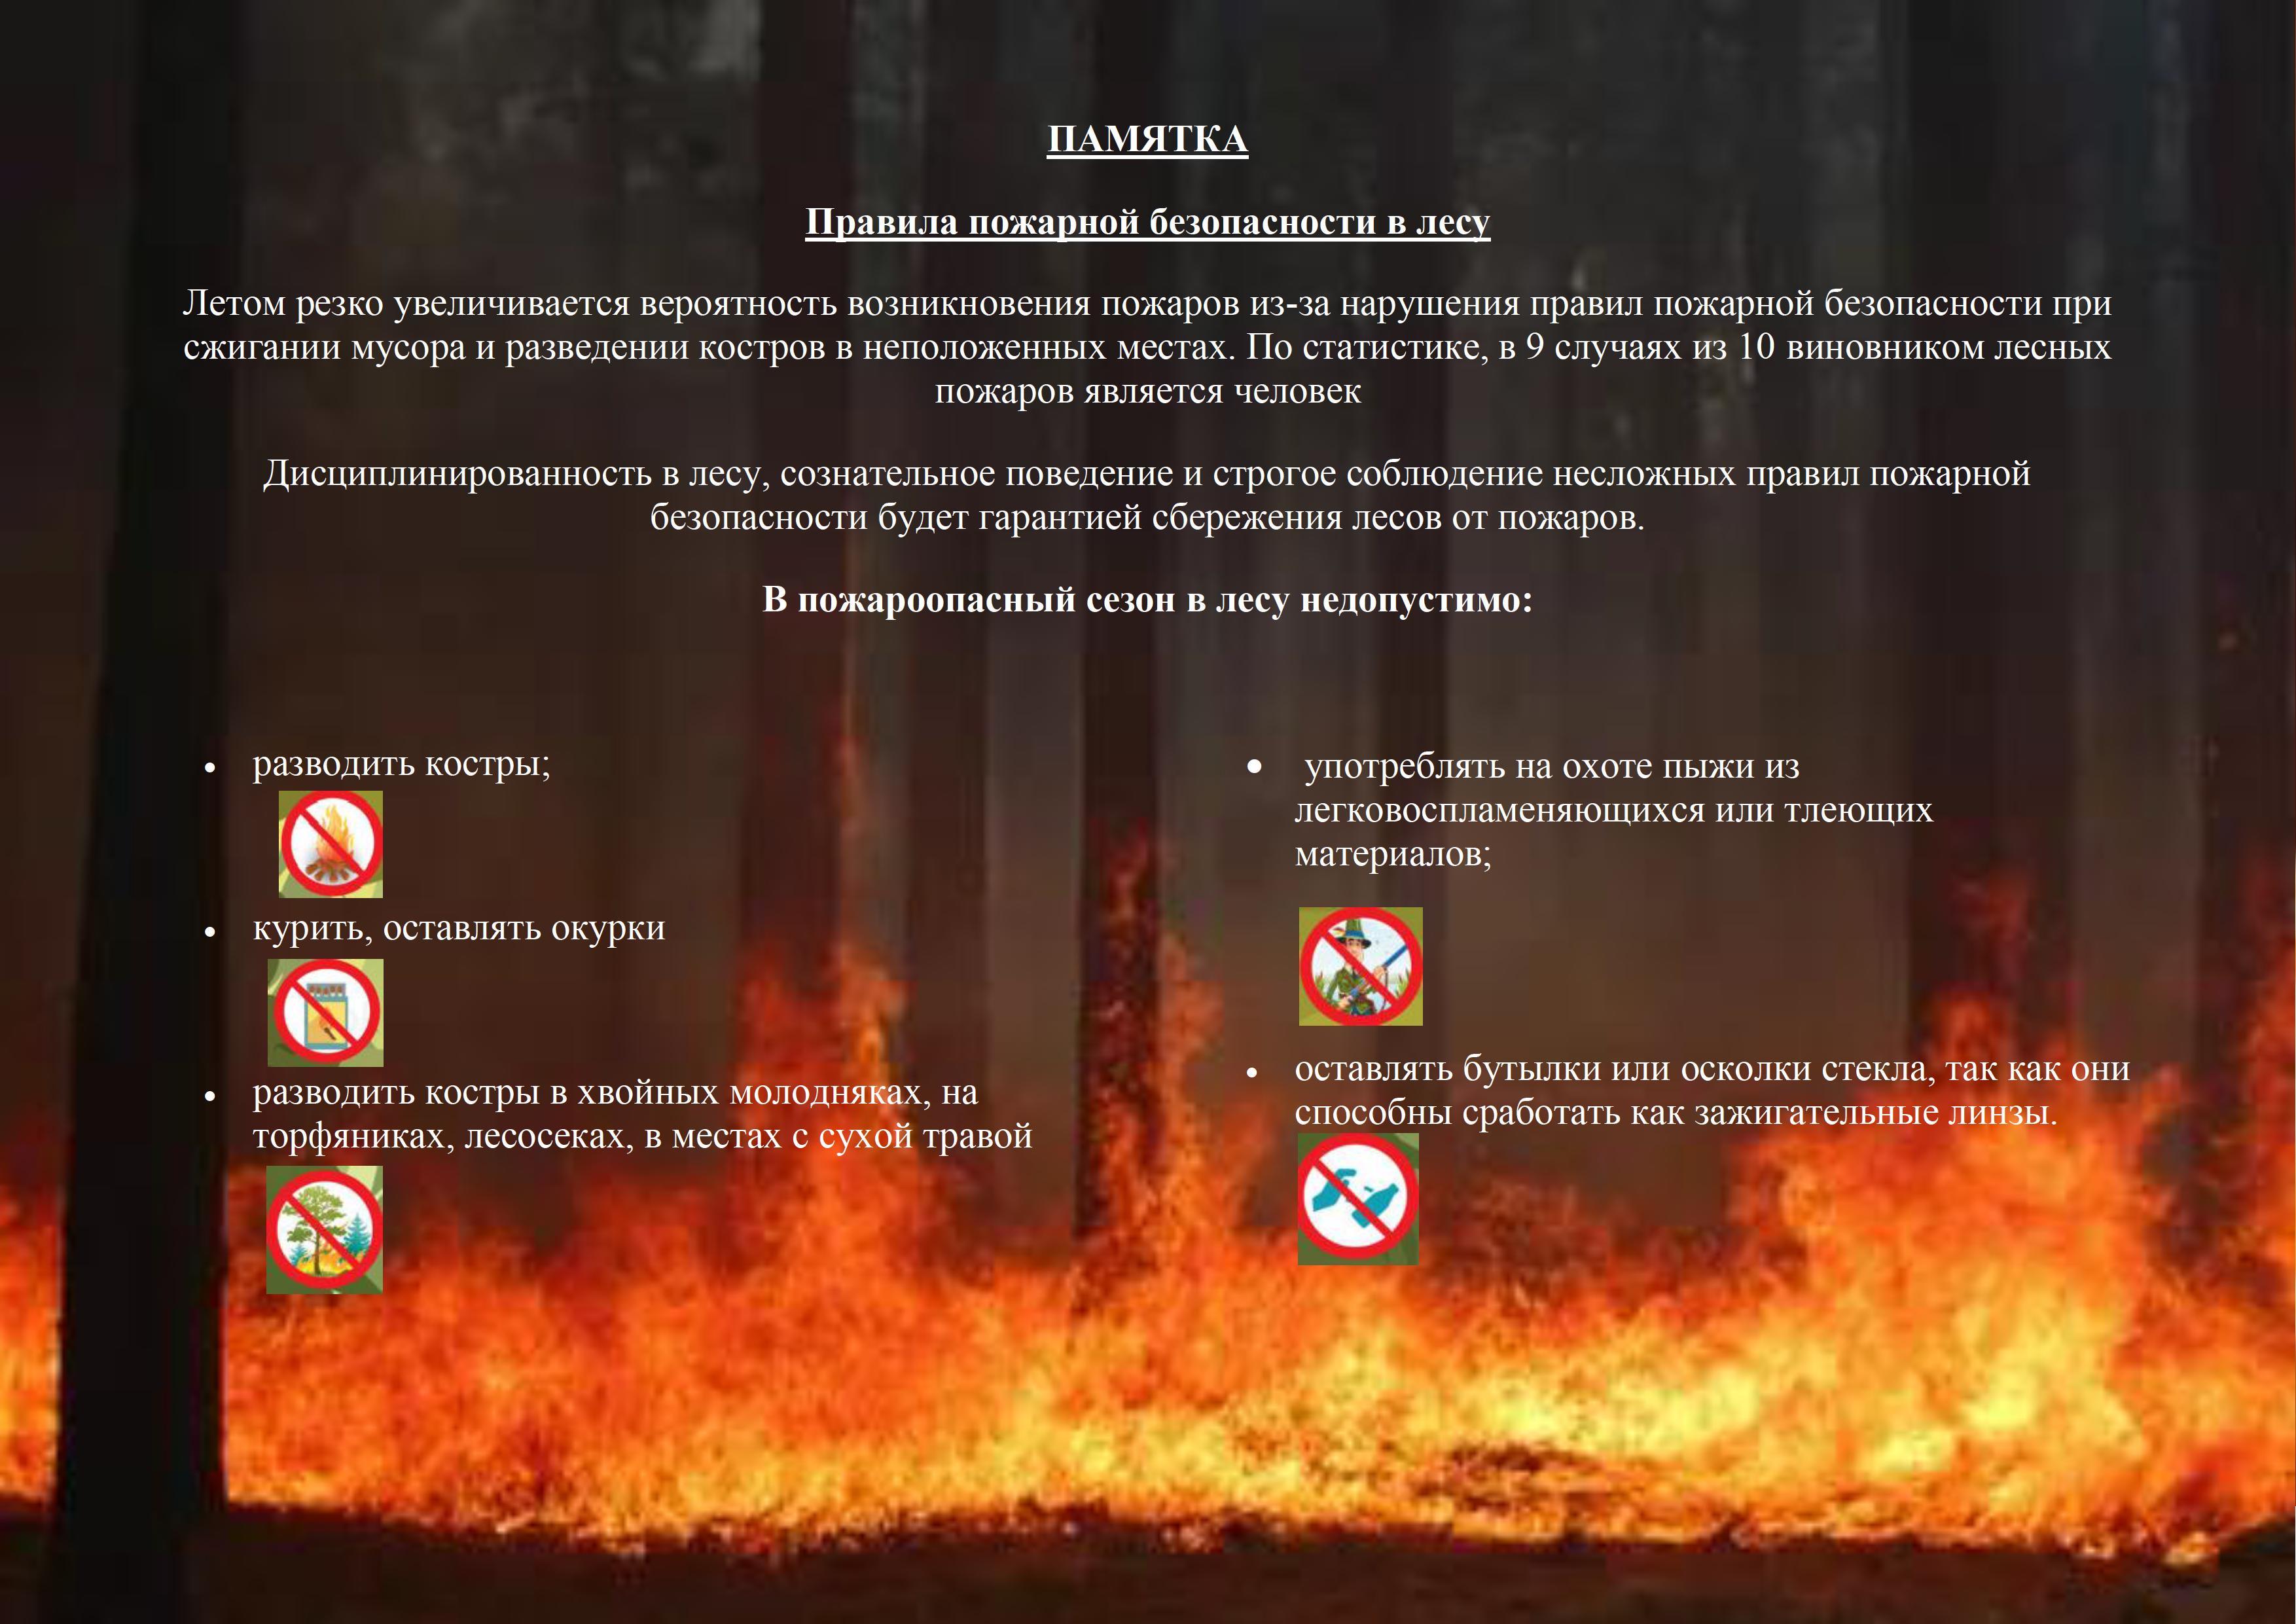 Памятка о мерах пожарной безопасности для обучающихся колледжа